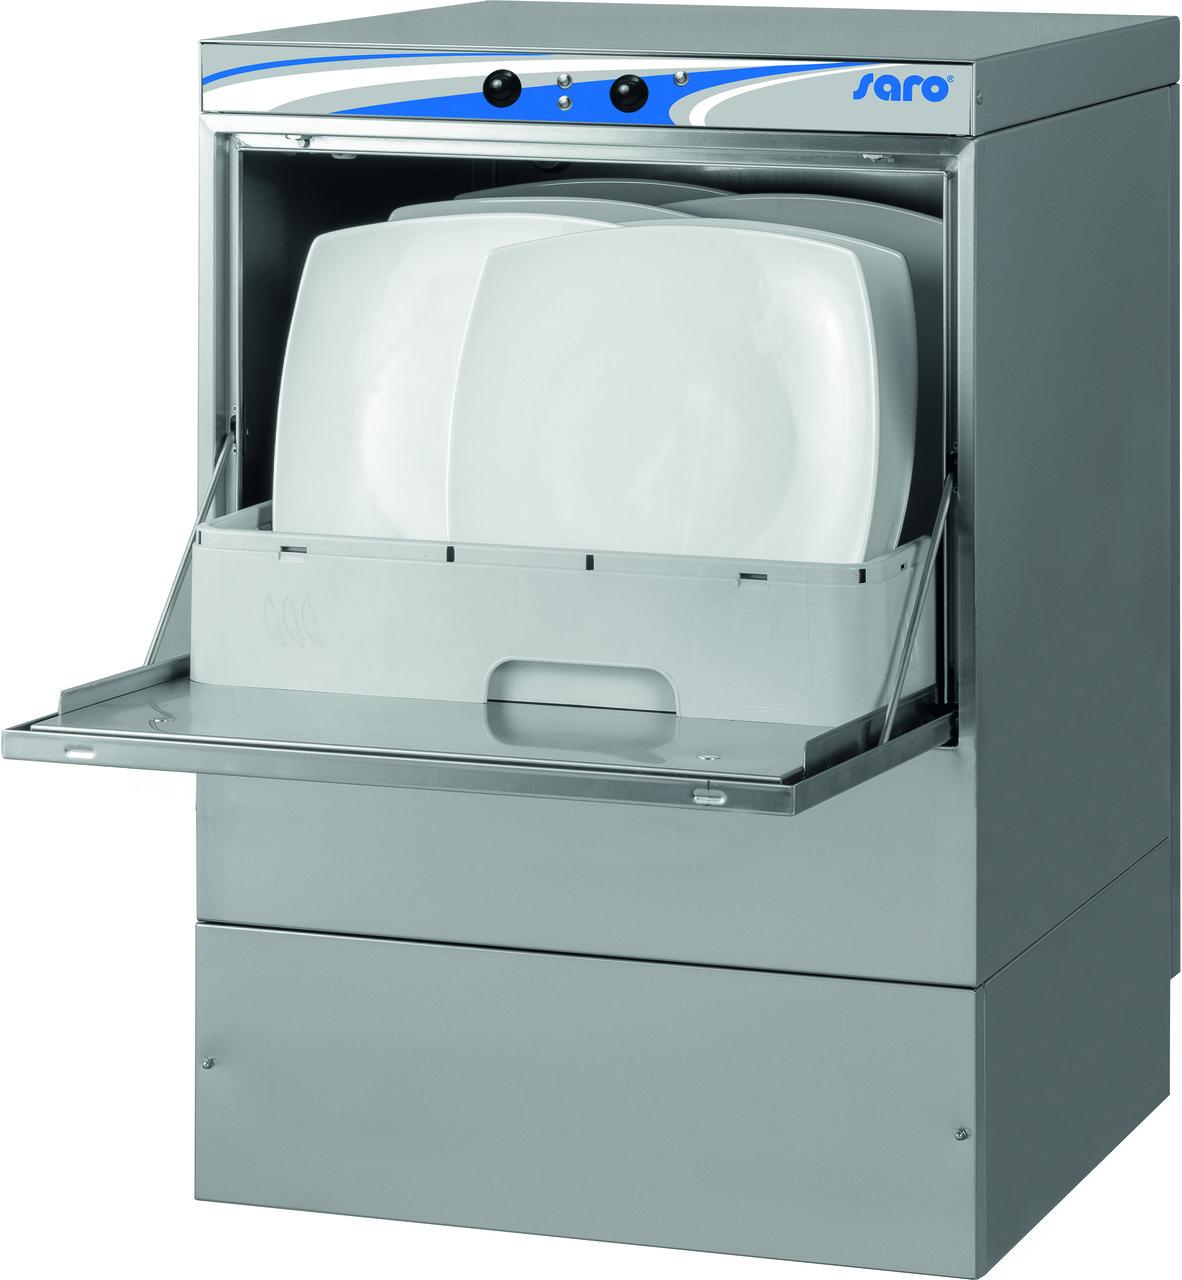 Посудомоечная машина MARBURG Saro